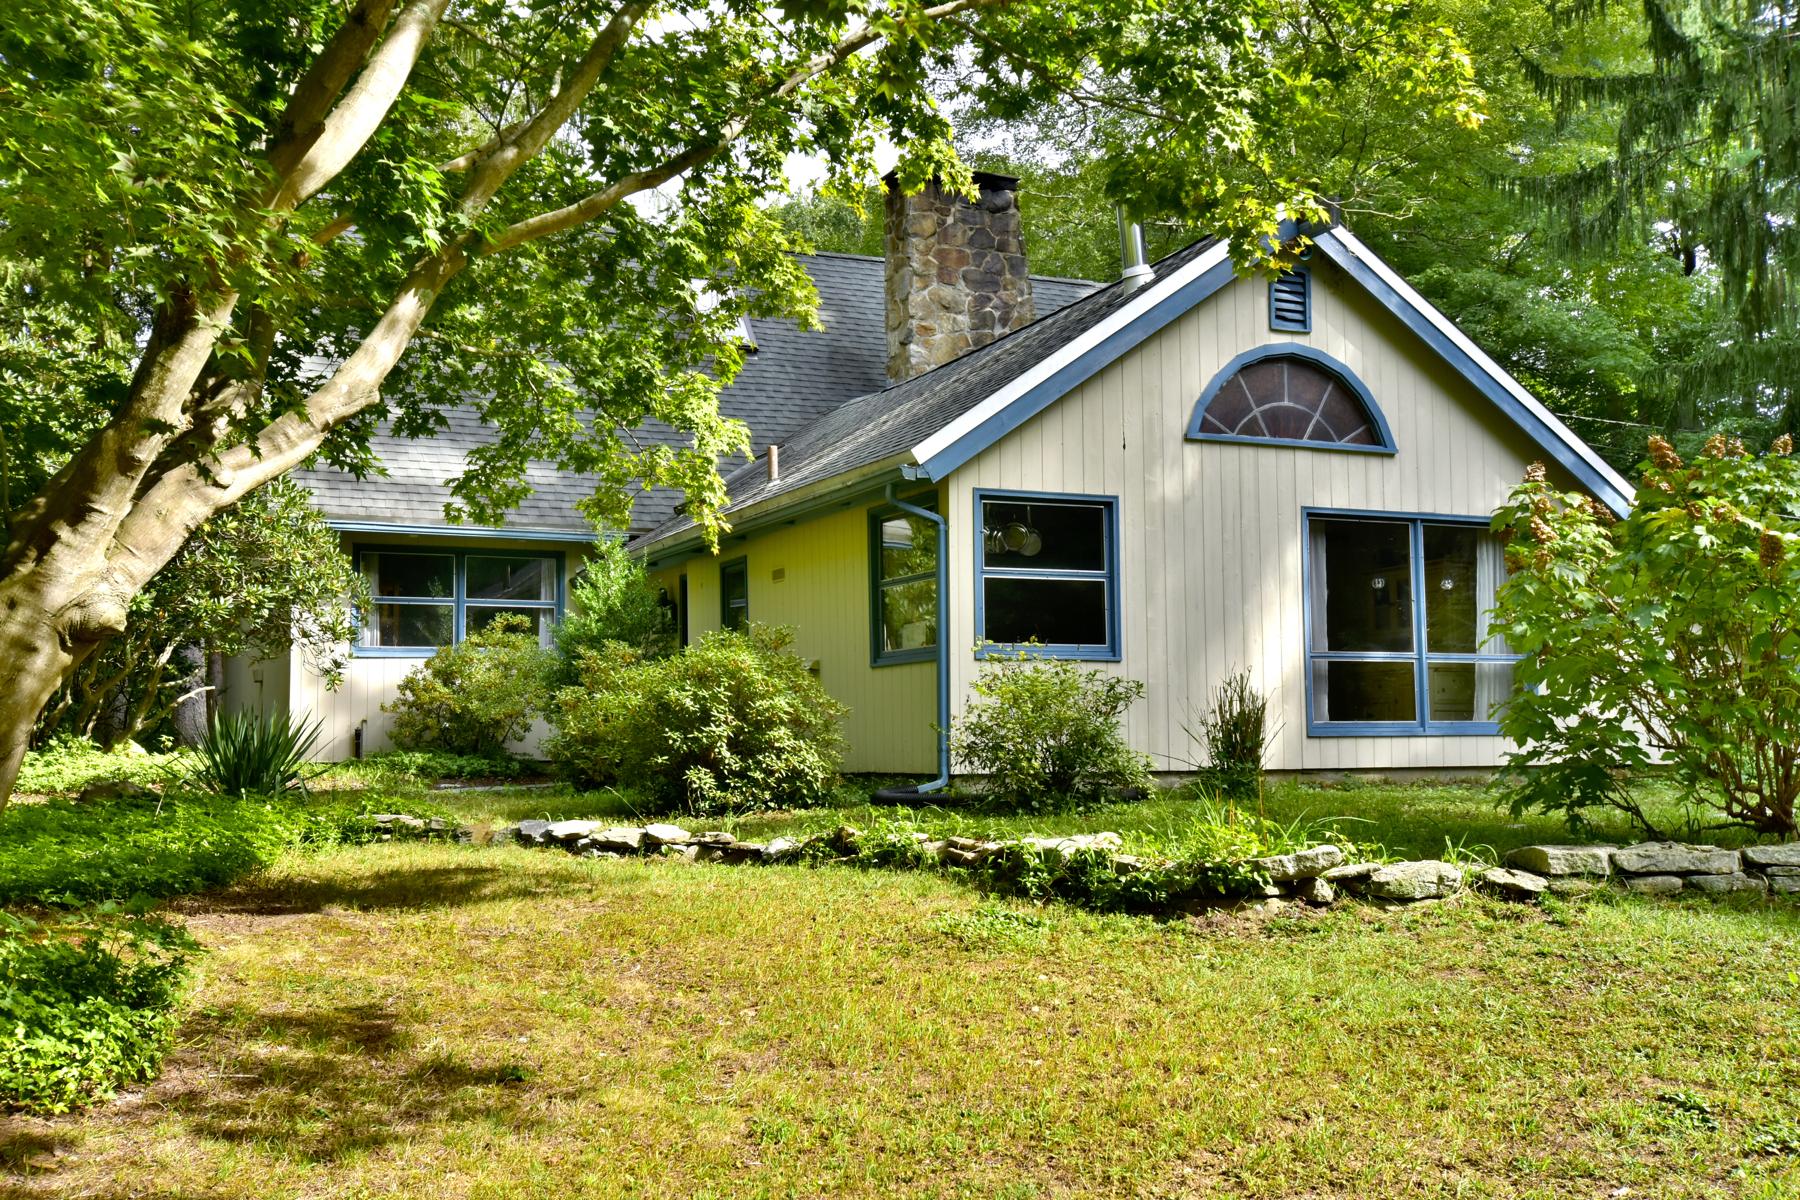 Maison unifamiliale pour l Vente à Charm and Peaceful Tranquility in this 1940's Cape 423 Roast Meat Hill Rd Killingworth, Connecticut, 06419 États-Unis